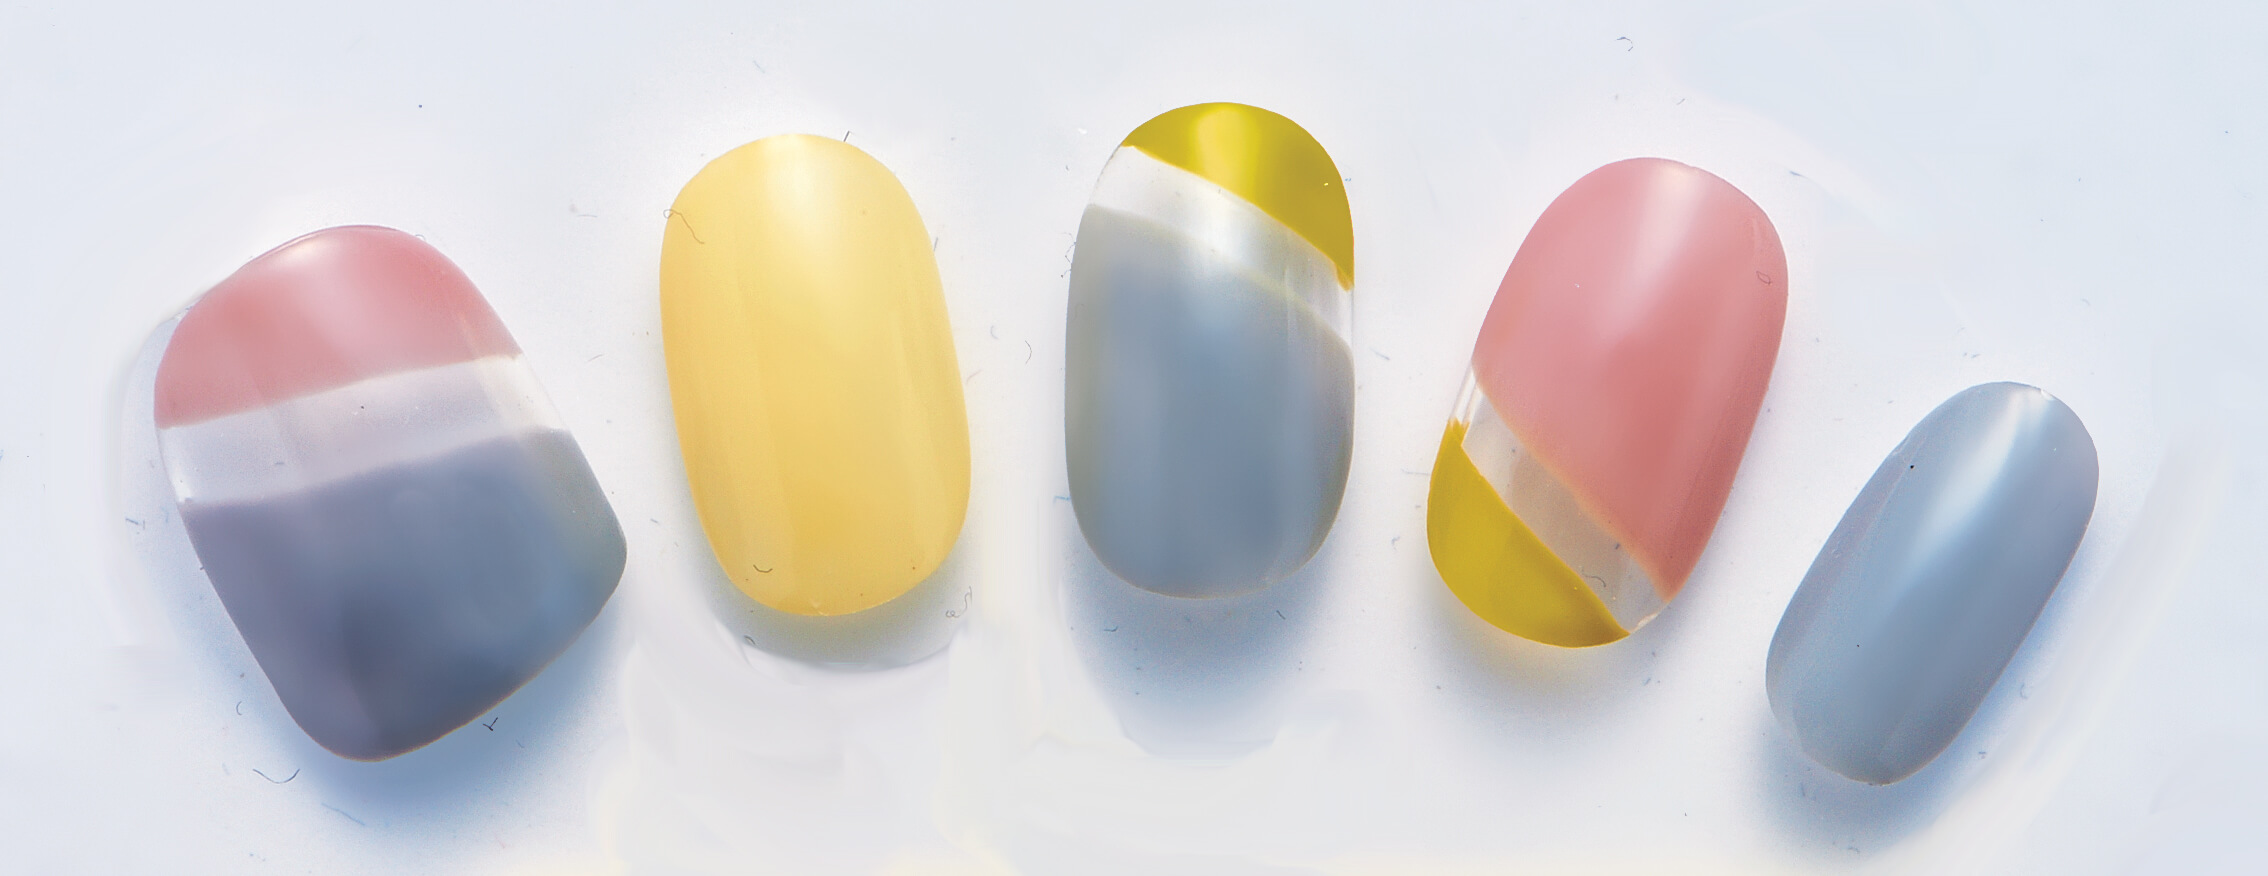 テープを使えば簡単に塗れる夏のパステルカラーネイル